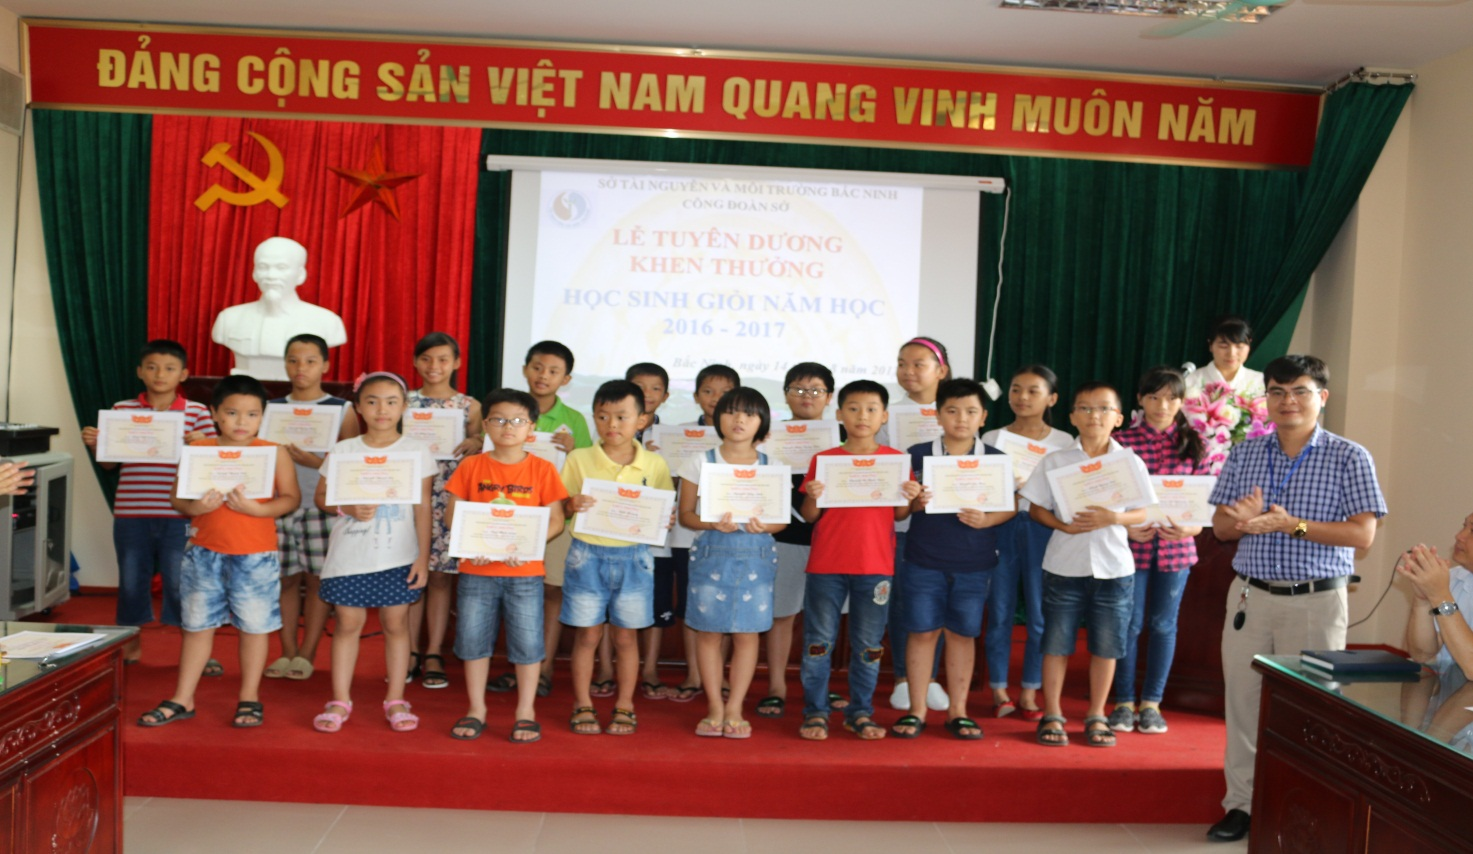 Lễ tuyên dương, khen thưởng học sinh giỏi năm học 2016-2017